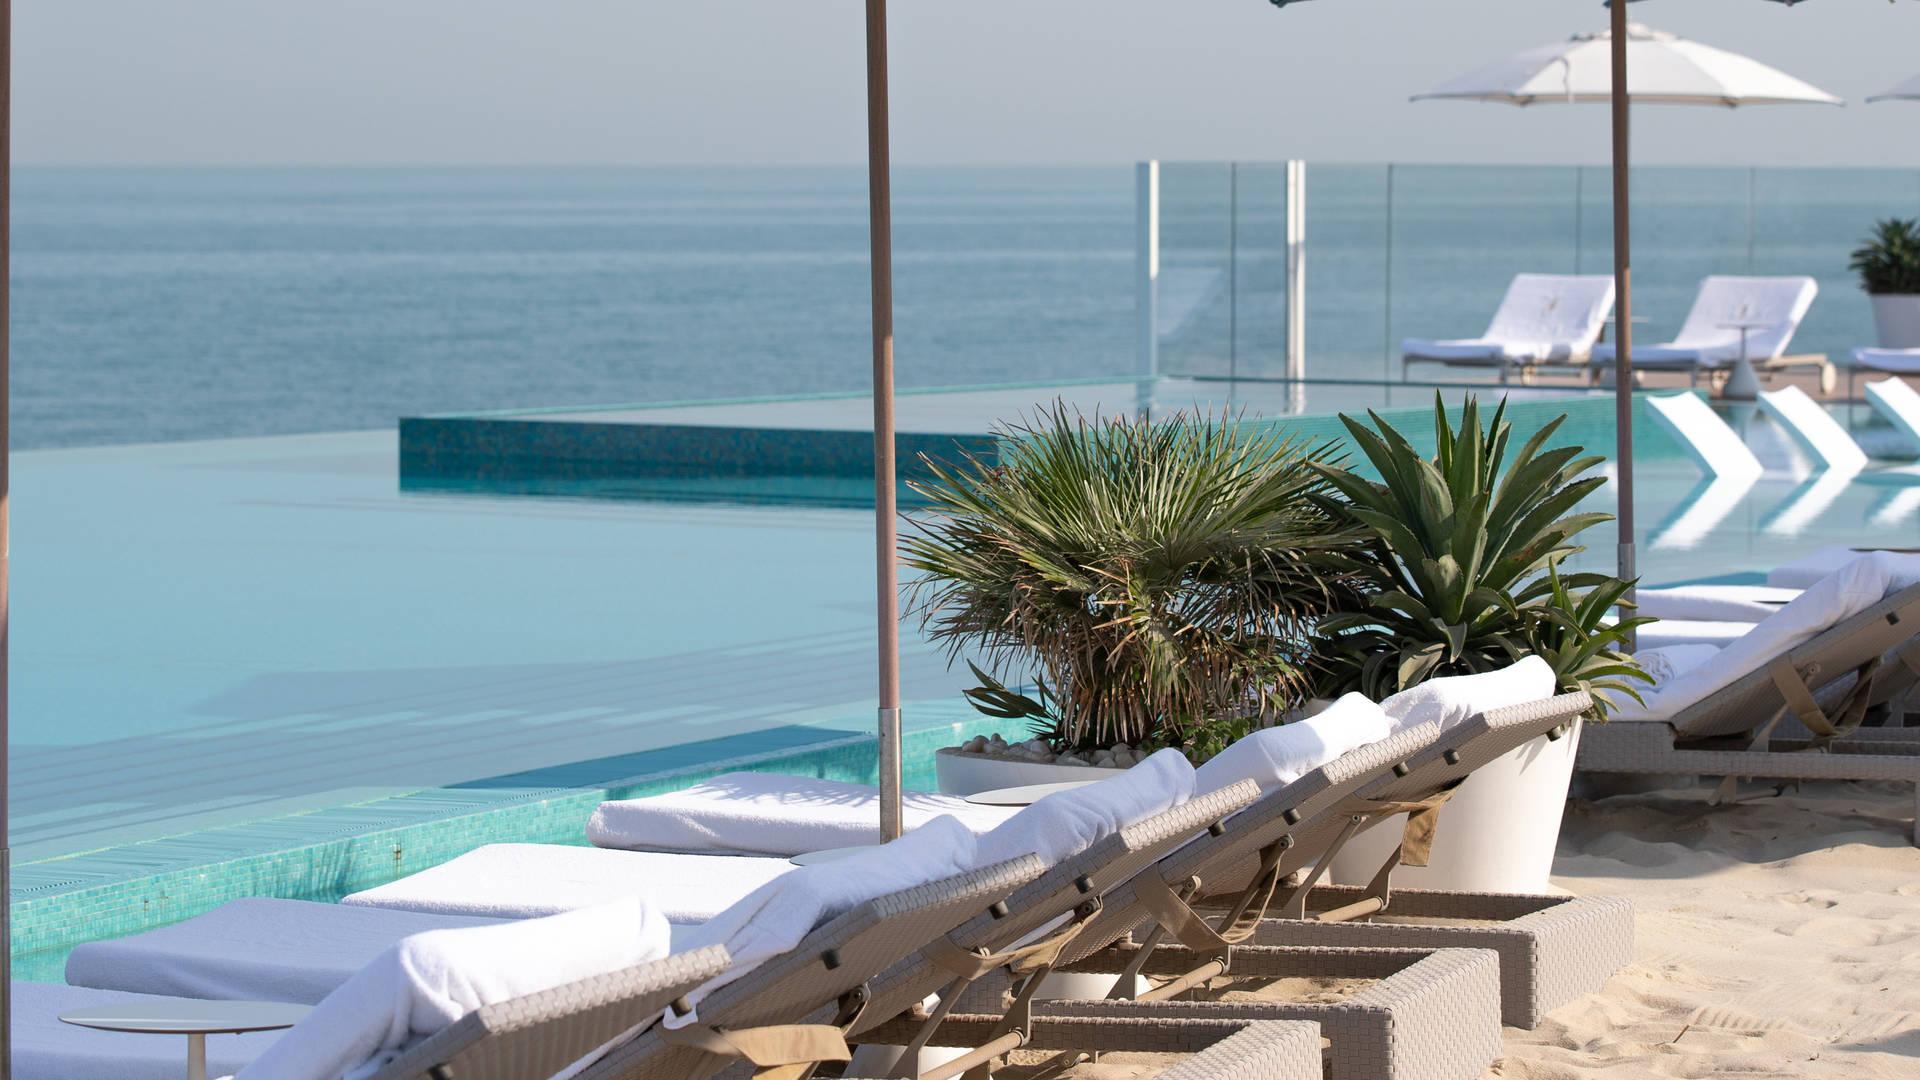 The Terrace Beach Club Burj Al Arab